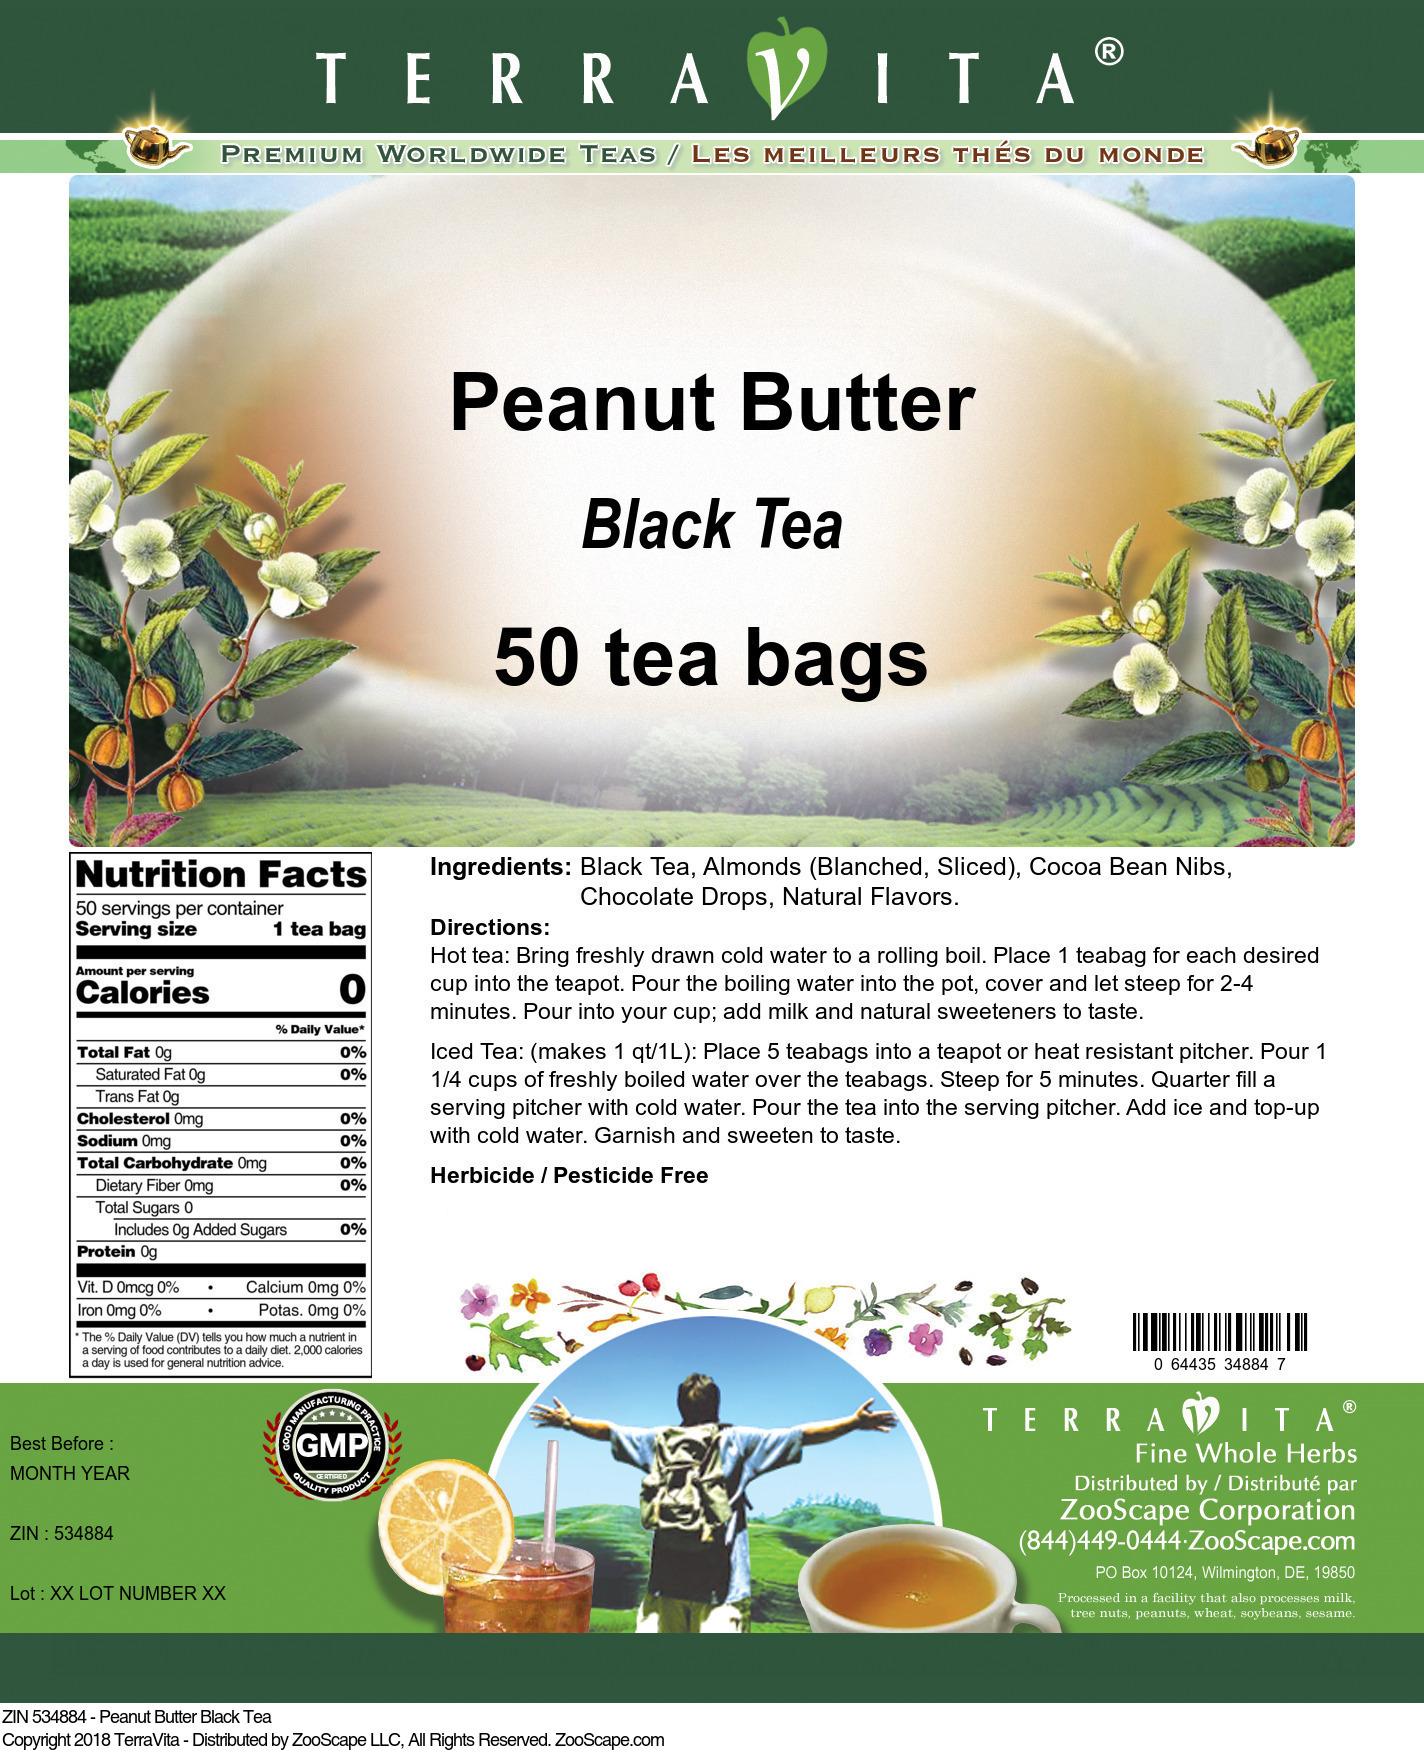 Peanut Butter Black Tea